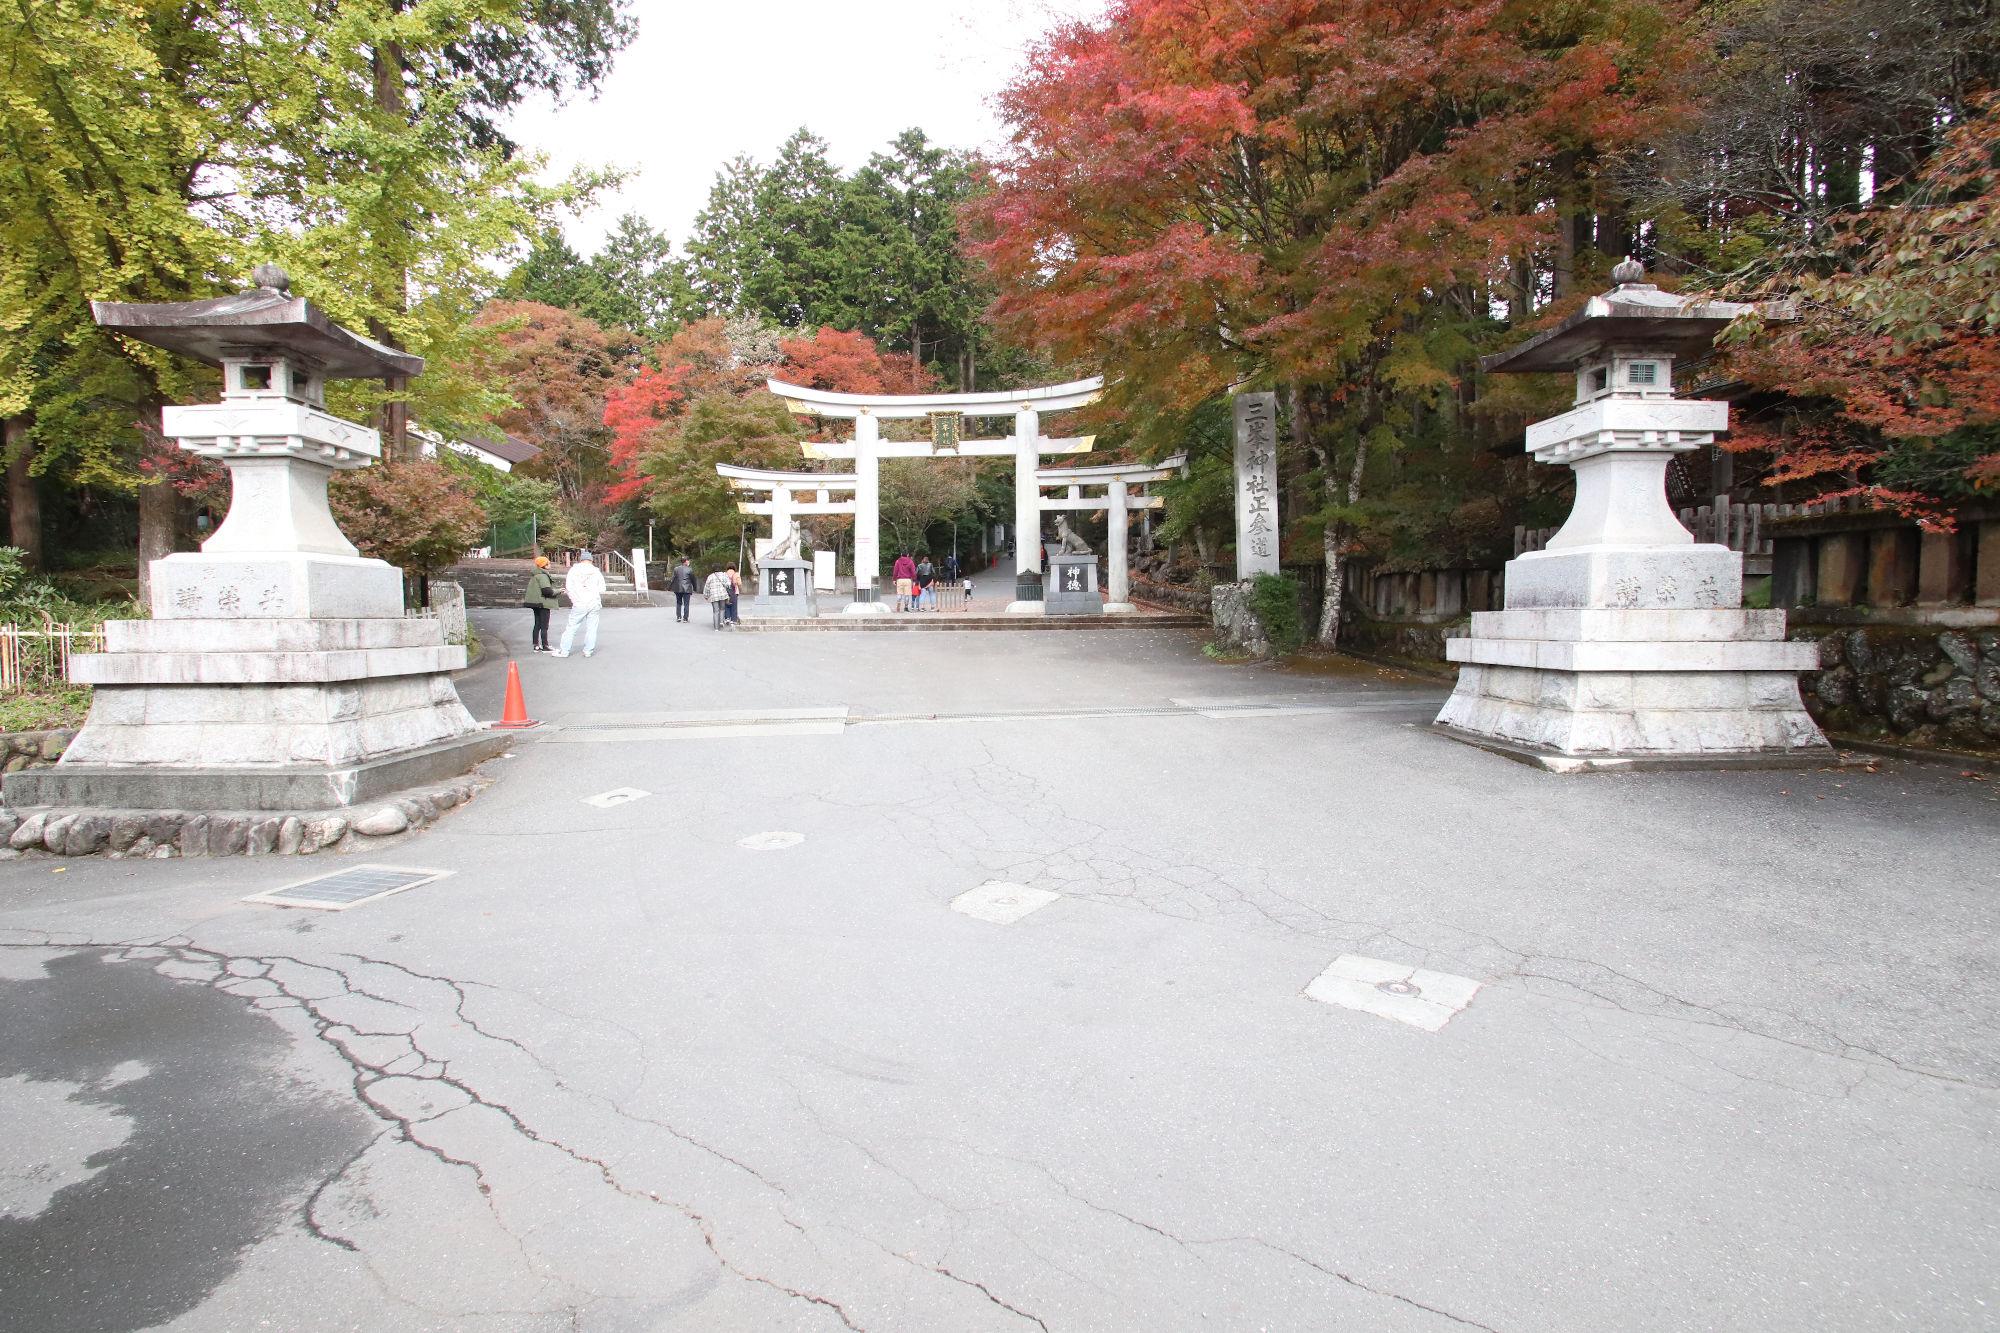 三峰神社の三ツ鳥居